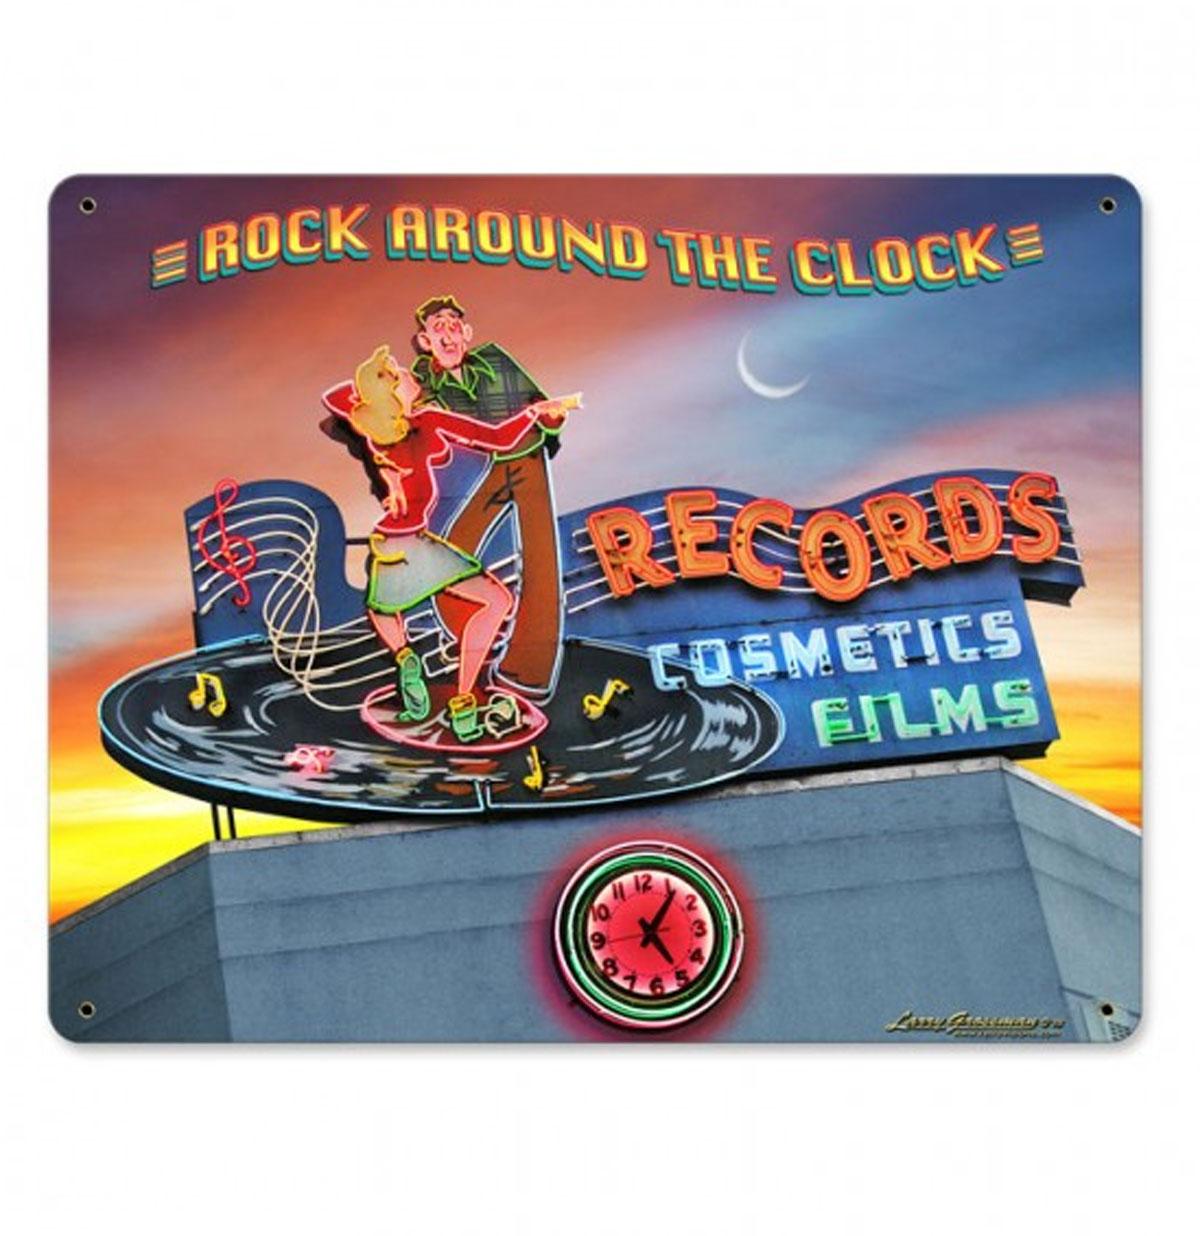 Rock Around The Clock Records Cosmetic Films Zwaar Metalen Bord 37 x 29 cm